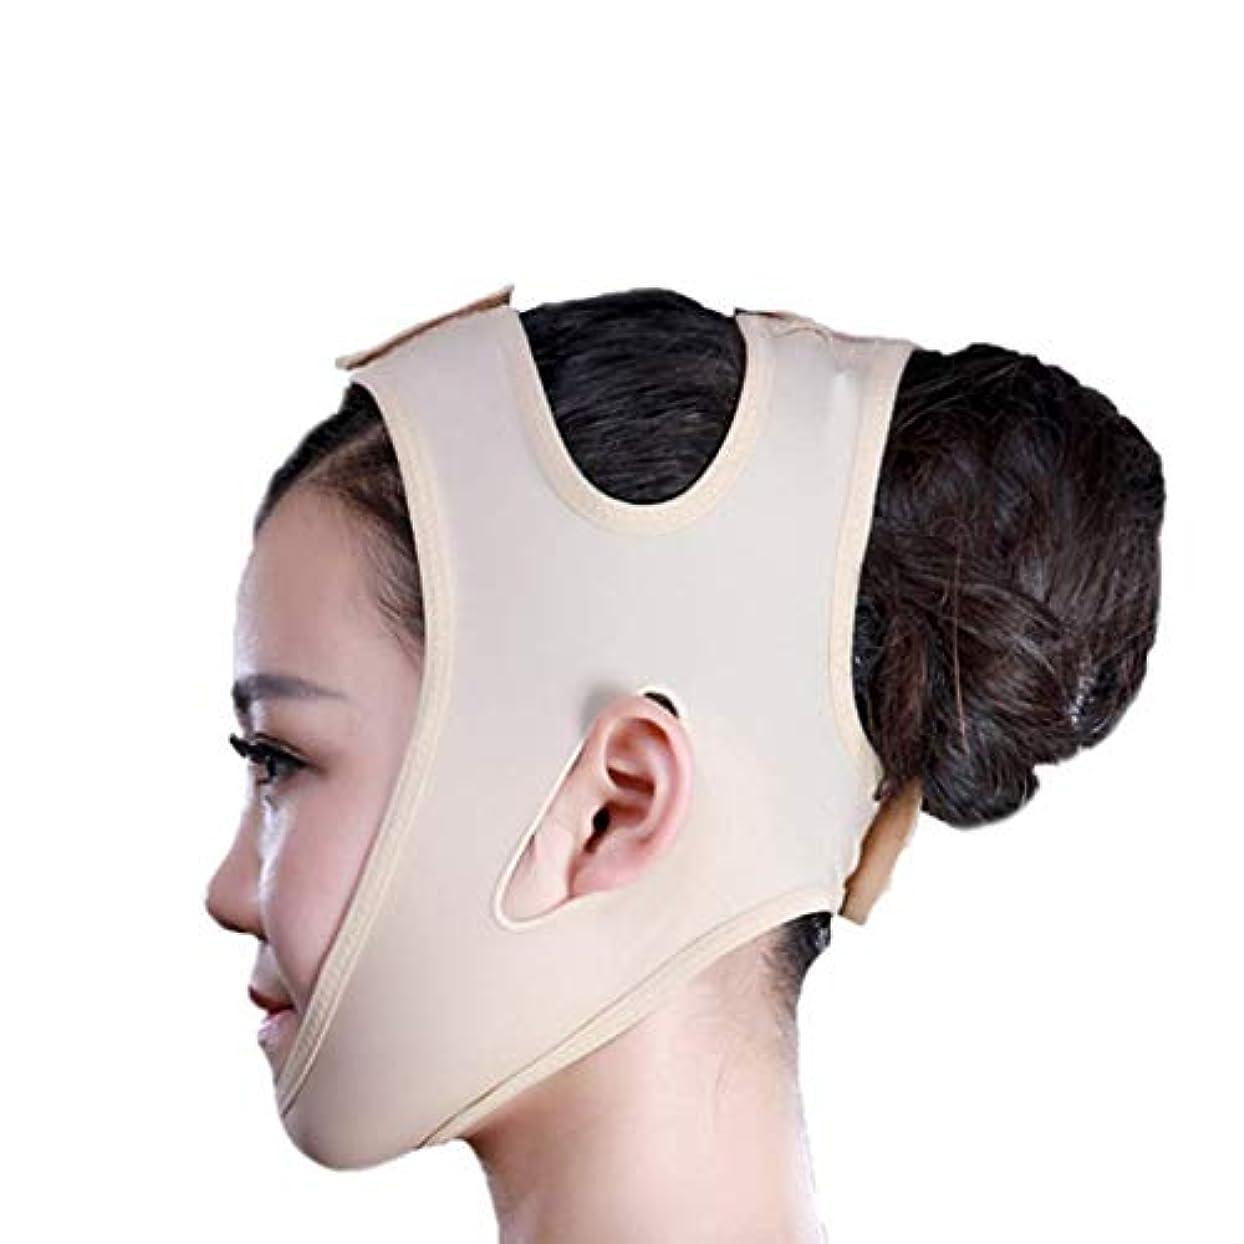 コーラス件名悪夢フェイススリミングマスク、快適さと通気性、フェイシャルリフティング、輪郭の改善された硬さ、ファーミングとリフティングフェイス(カラー:ブラック、サイズ:XL),黄色がかったピンク、XXL